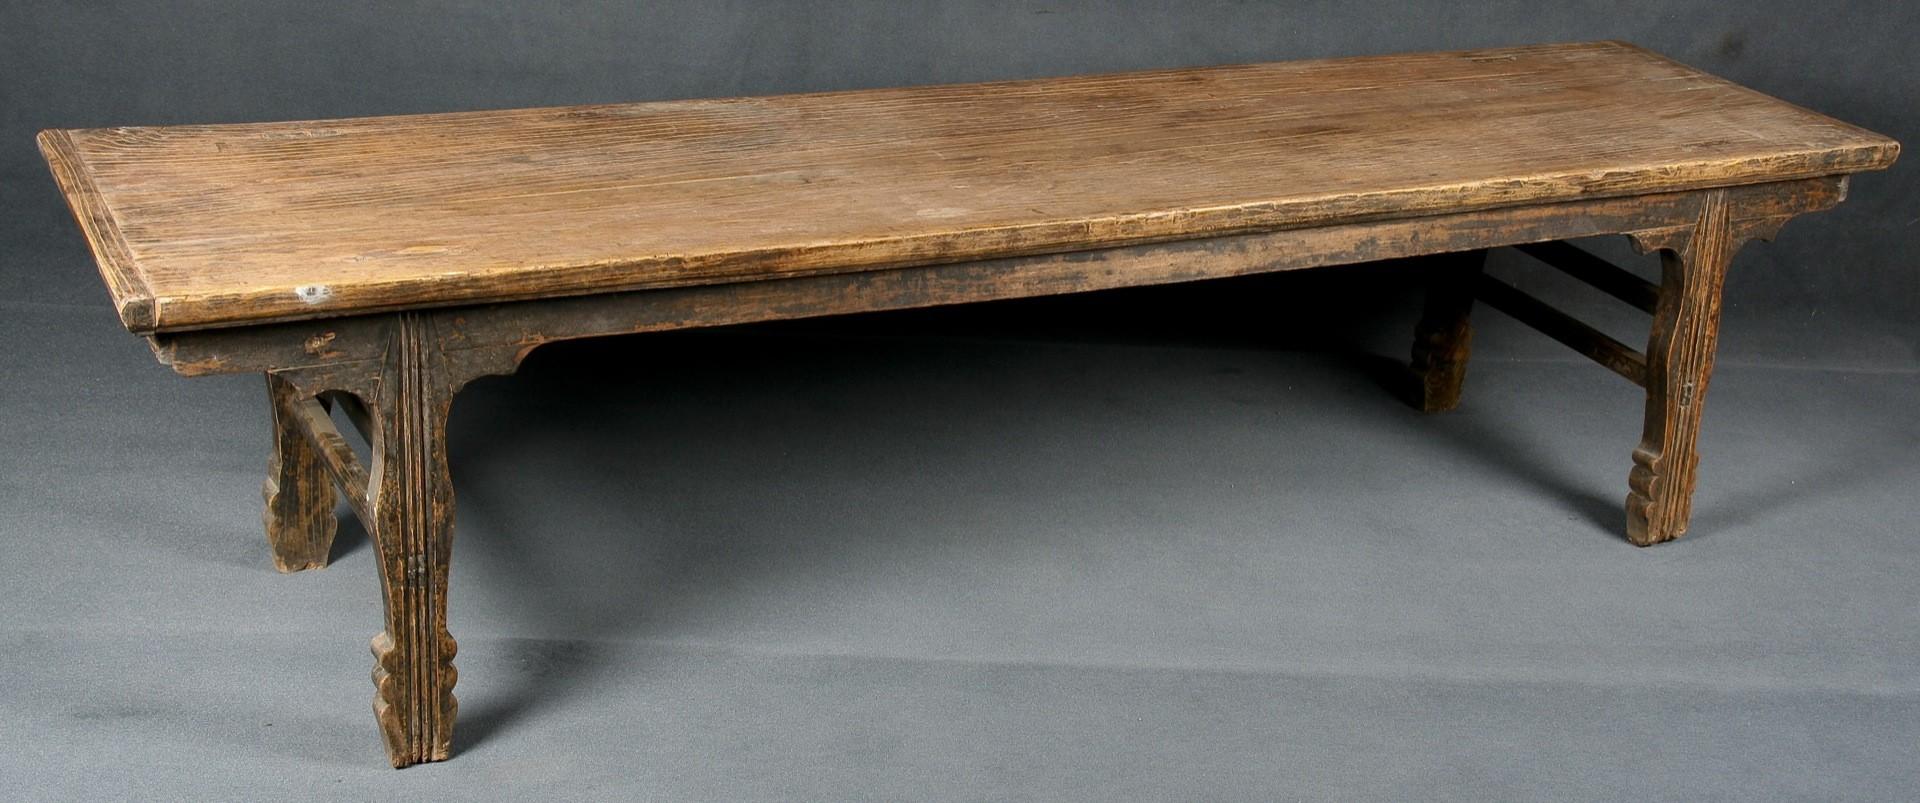 Banco y banco antiguo batavia for Bancos merenderos de madera